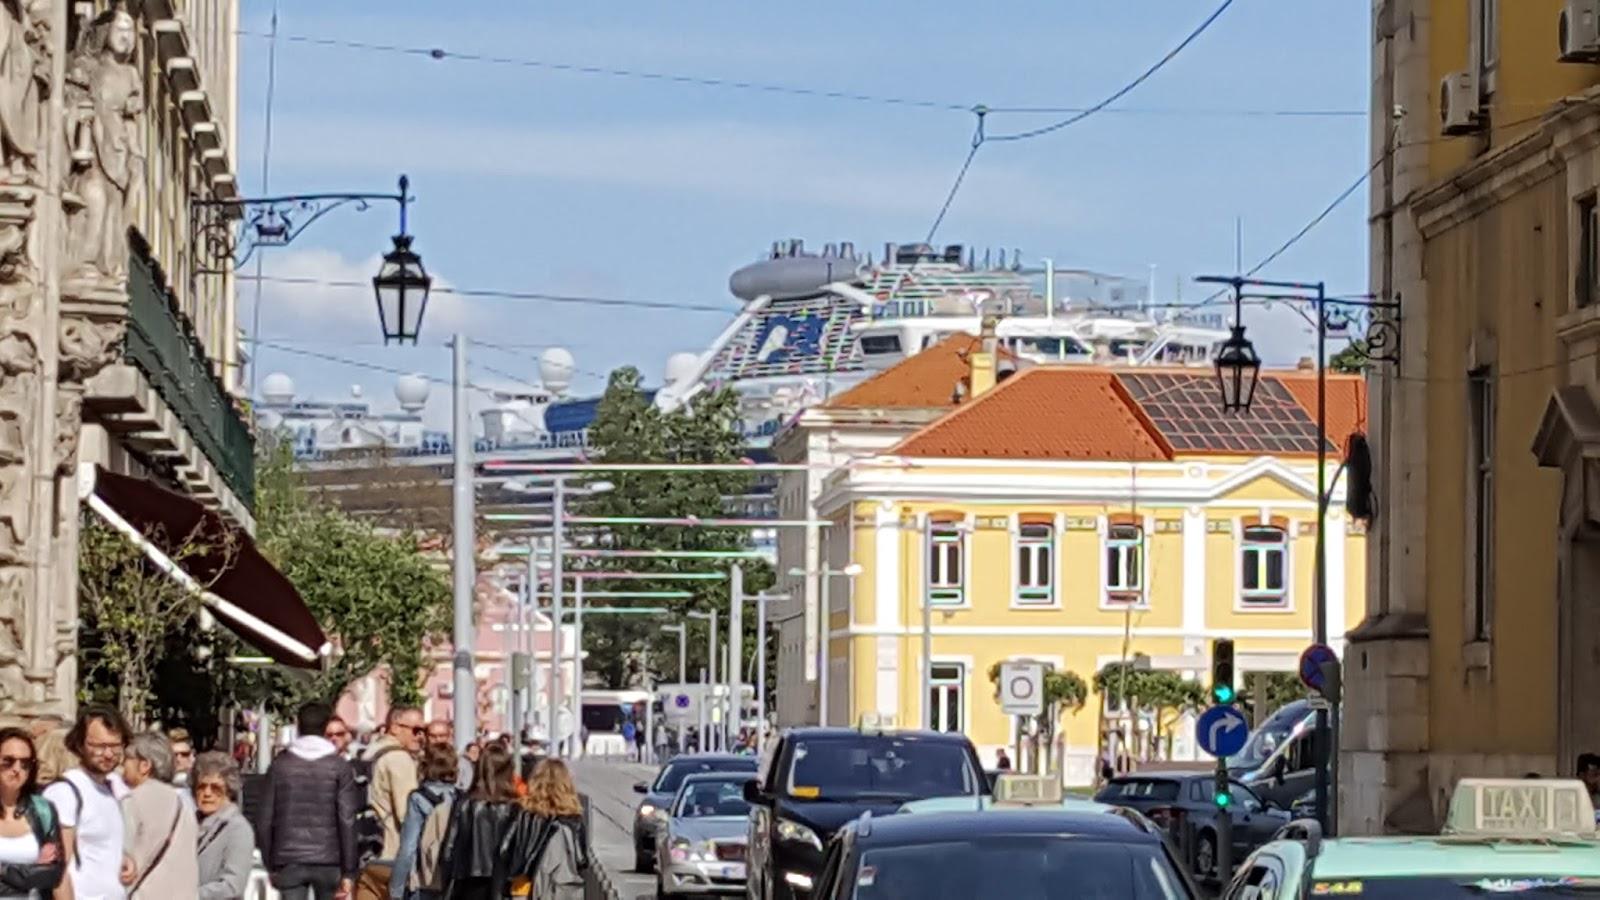 13e5d1b9d0517 Arpose  Passeios por Lisboa 6  Impressões pouco agradáveis